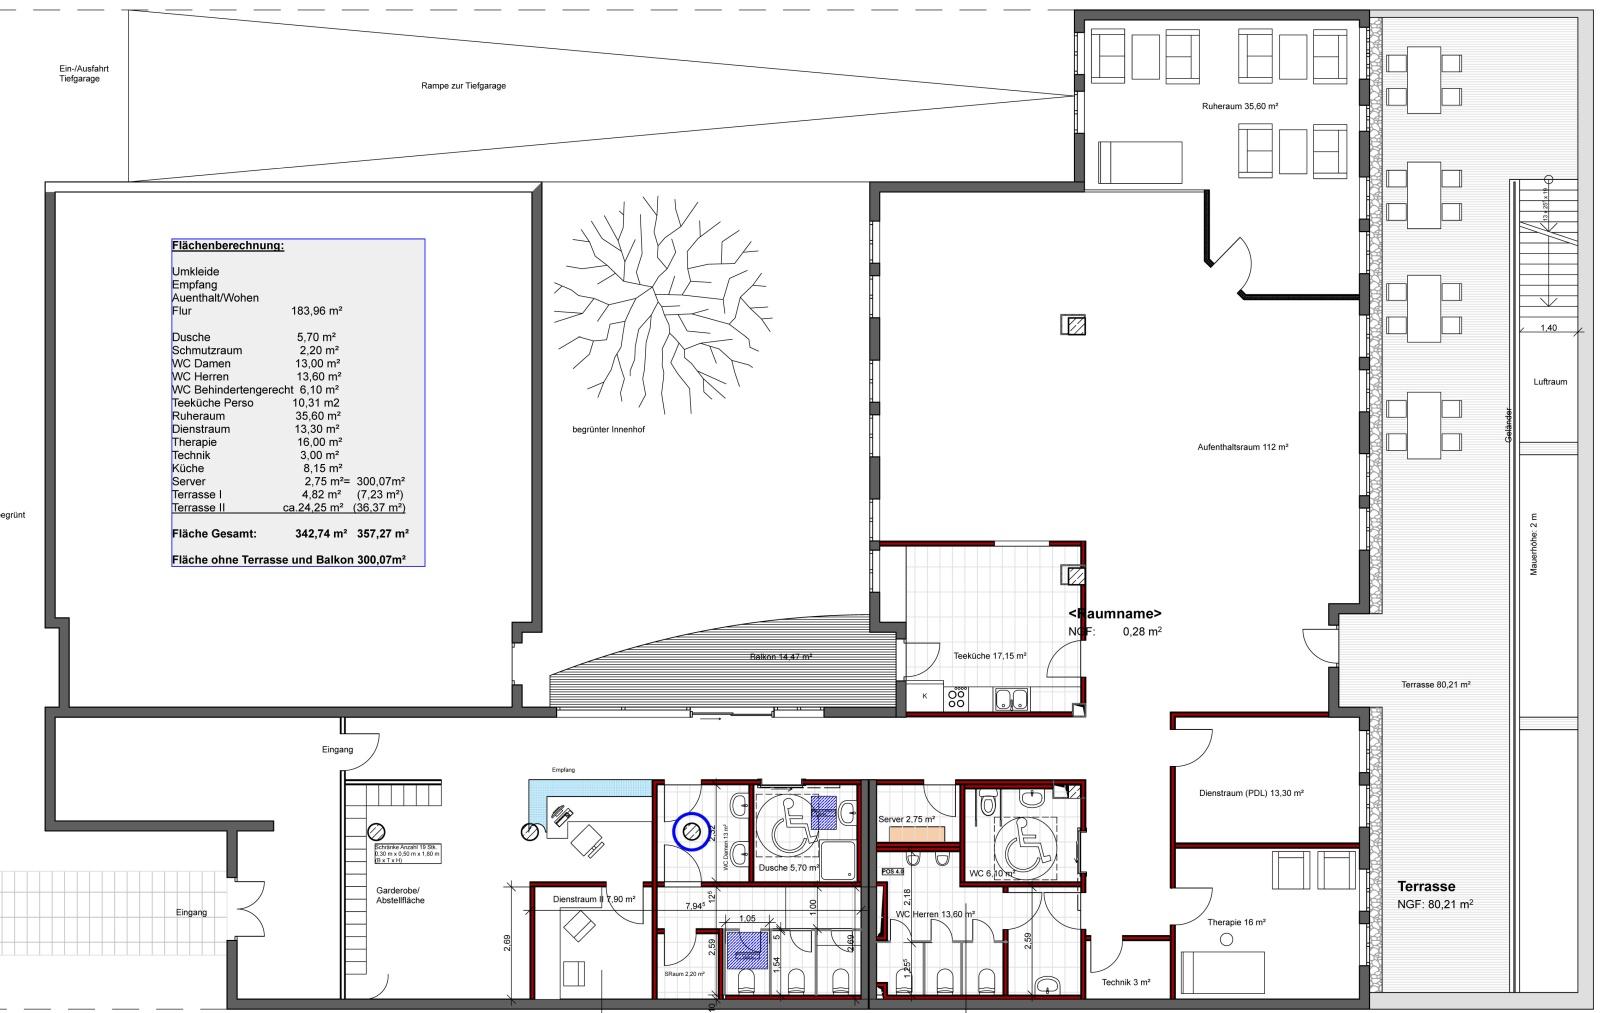 Grundrissplanung einer Pflegeeinrichtung - Architekturbüro Mannheim